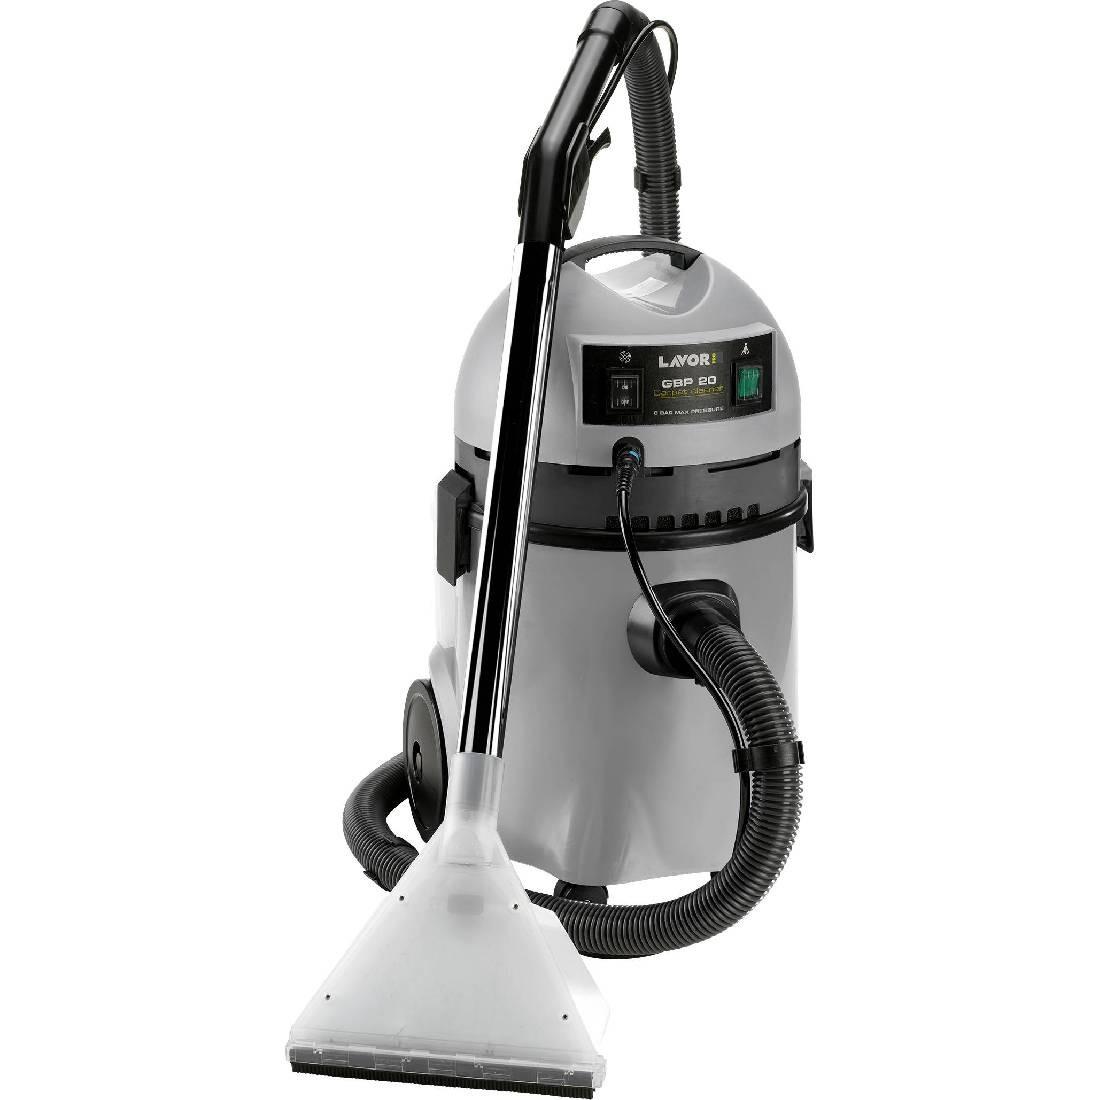 Моющий пылесос Lavor Pro GBP 20 Pro (с патронным фильтром)